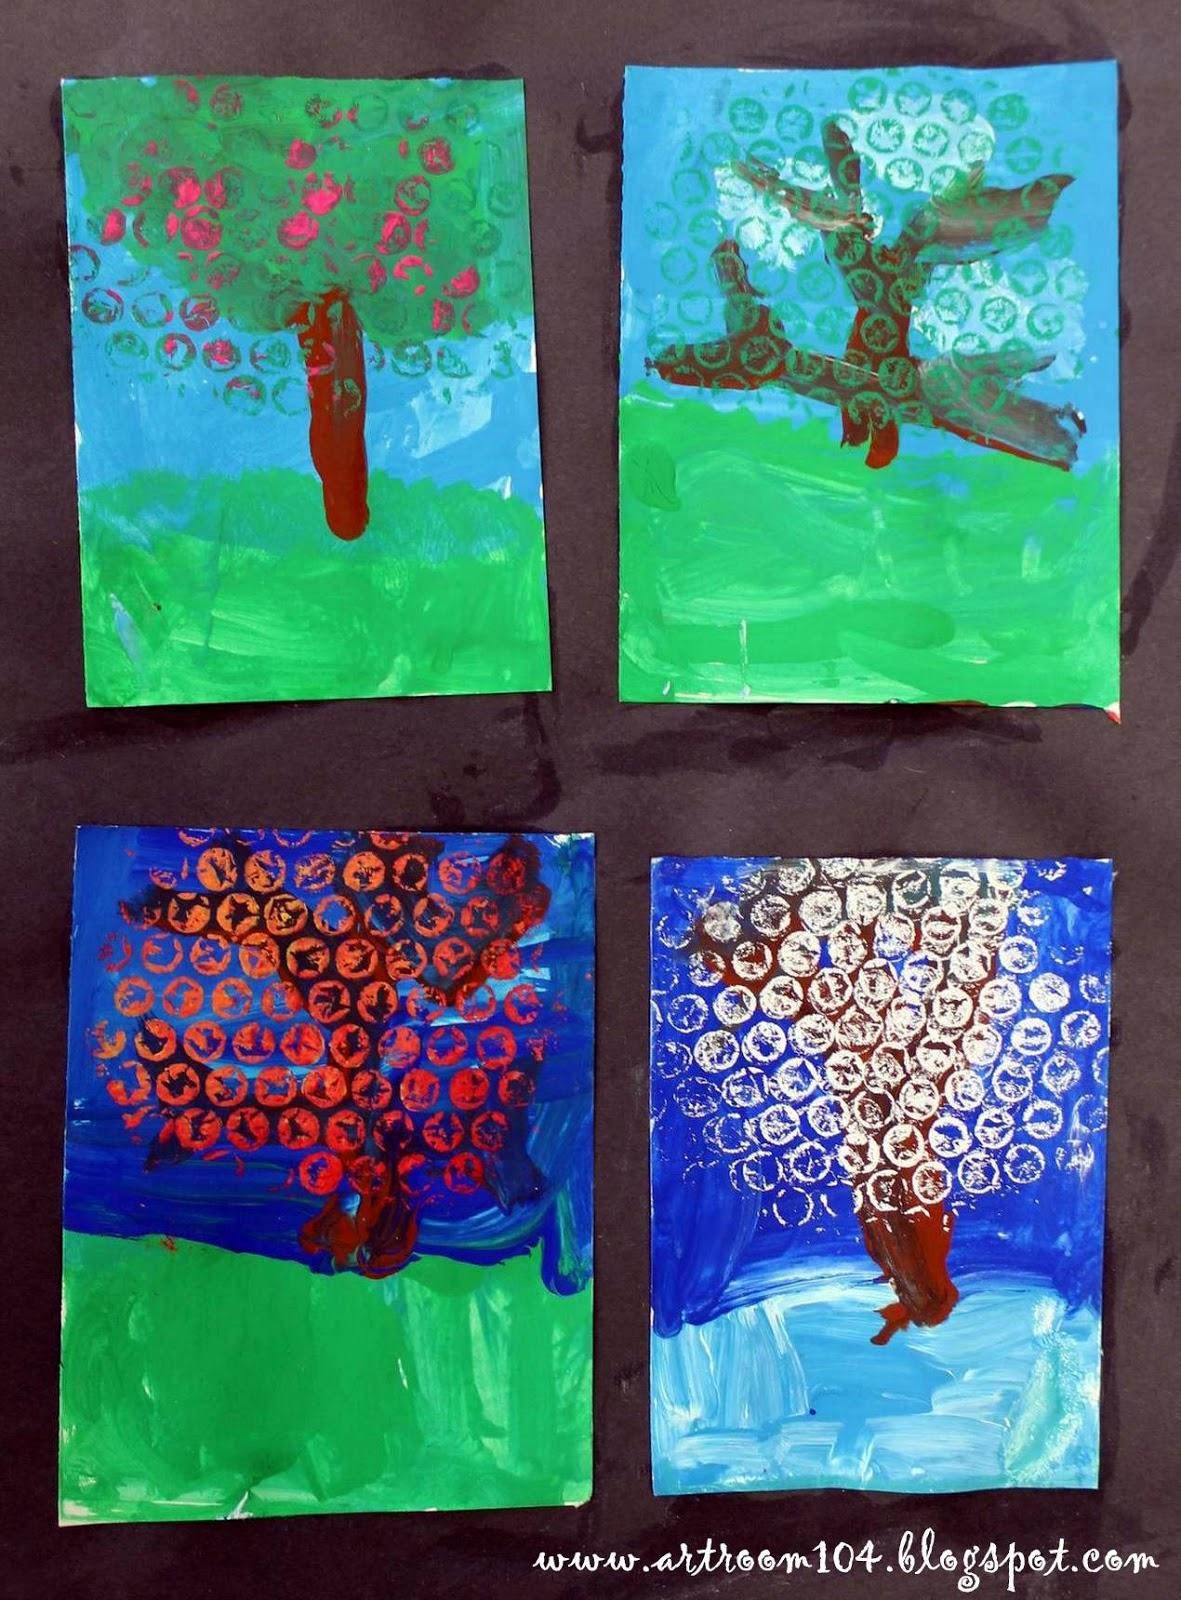 Art Room 104 Kindergarten Four Seasons Project